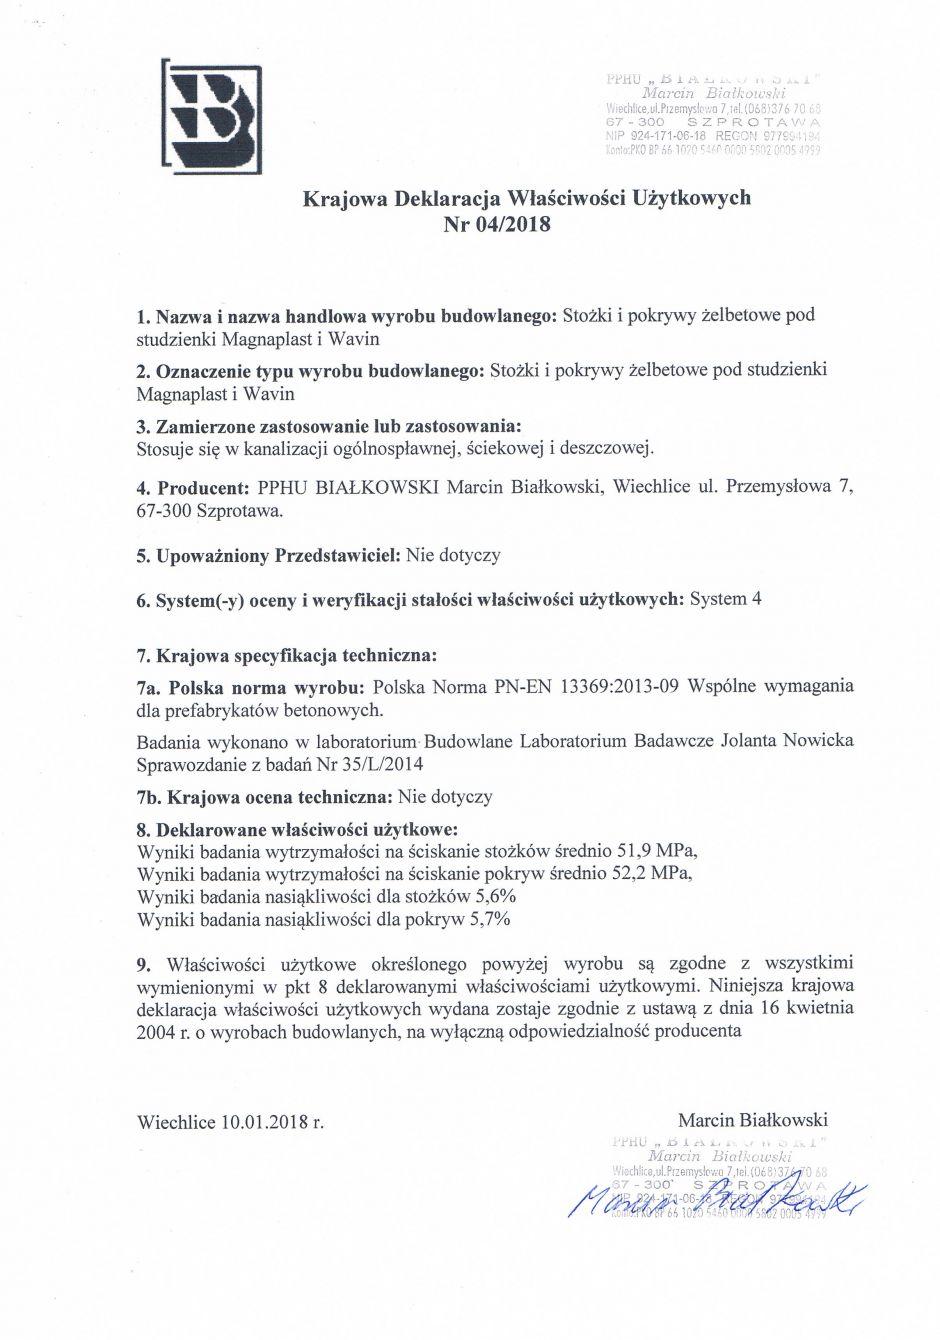 Krajowa Deklaracja Właściwości Użytkowych Nr 04/2018